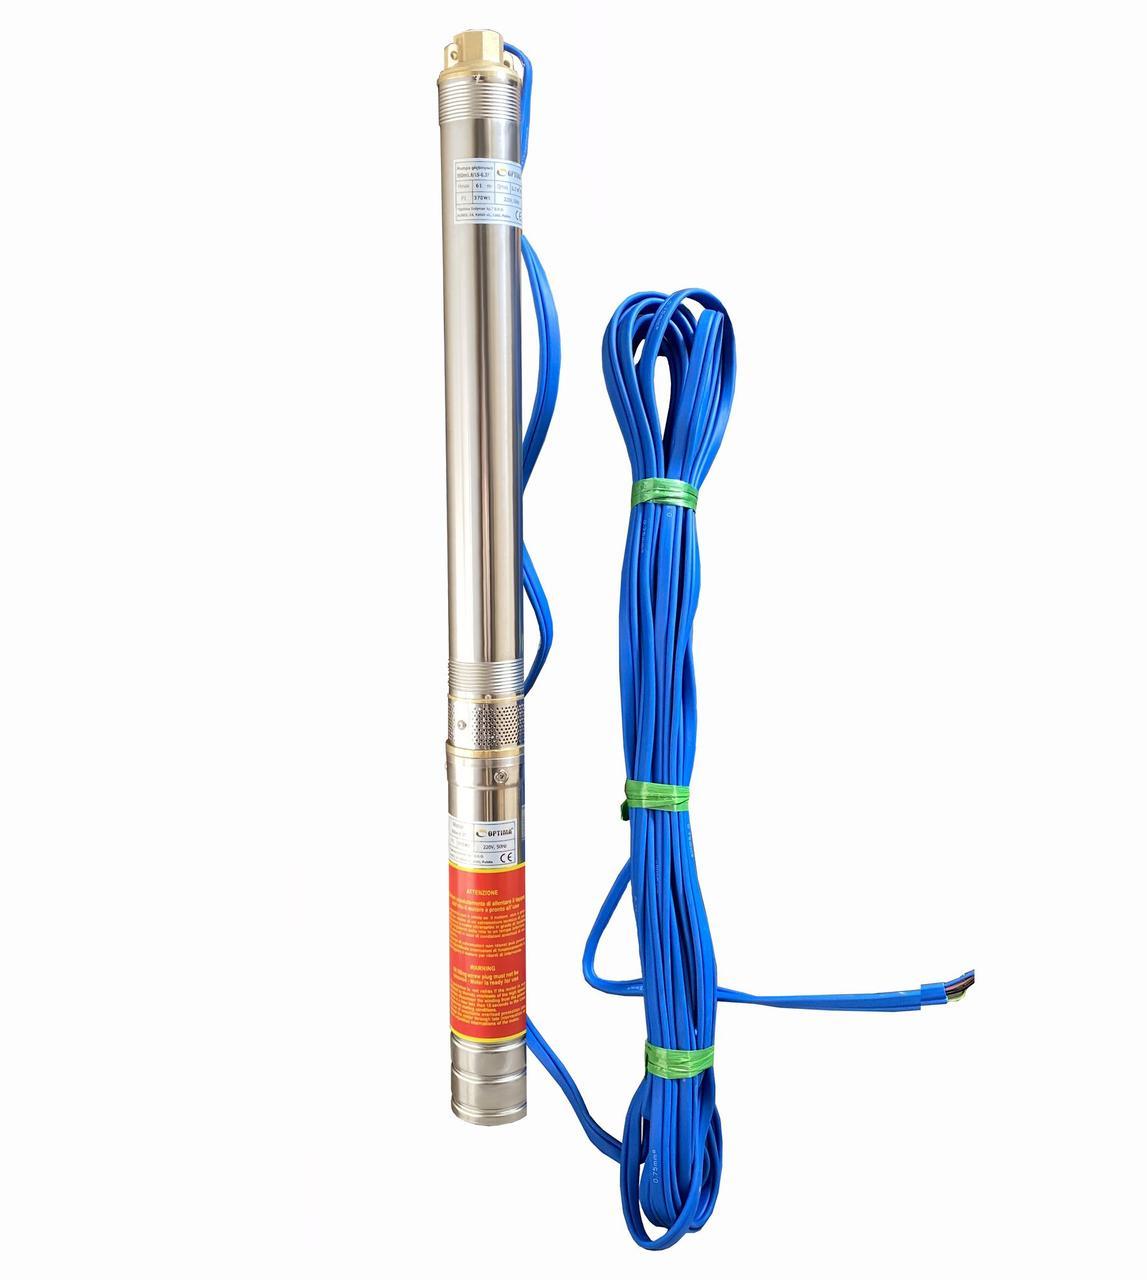 Насос скважинный центробежный Optima 3SDm1,8/15 0,37 кВт 61 м + кабель 30 м и пульт